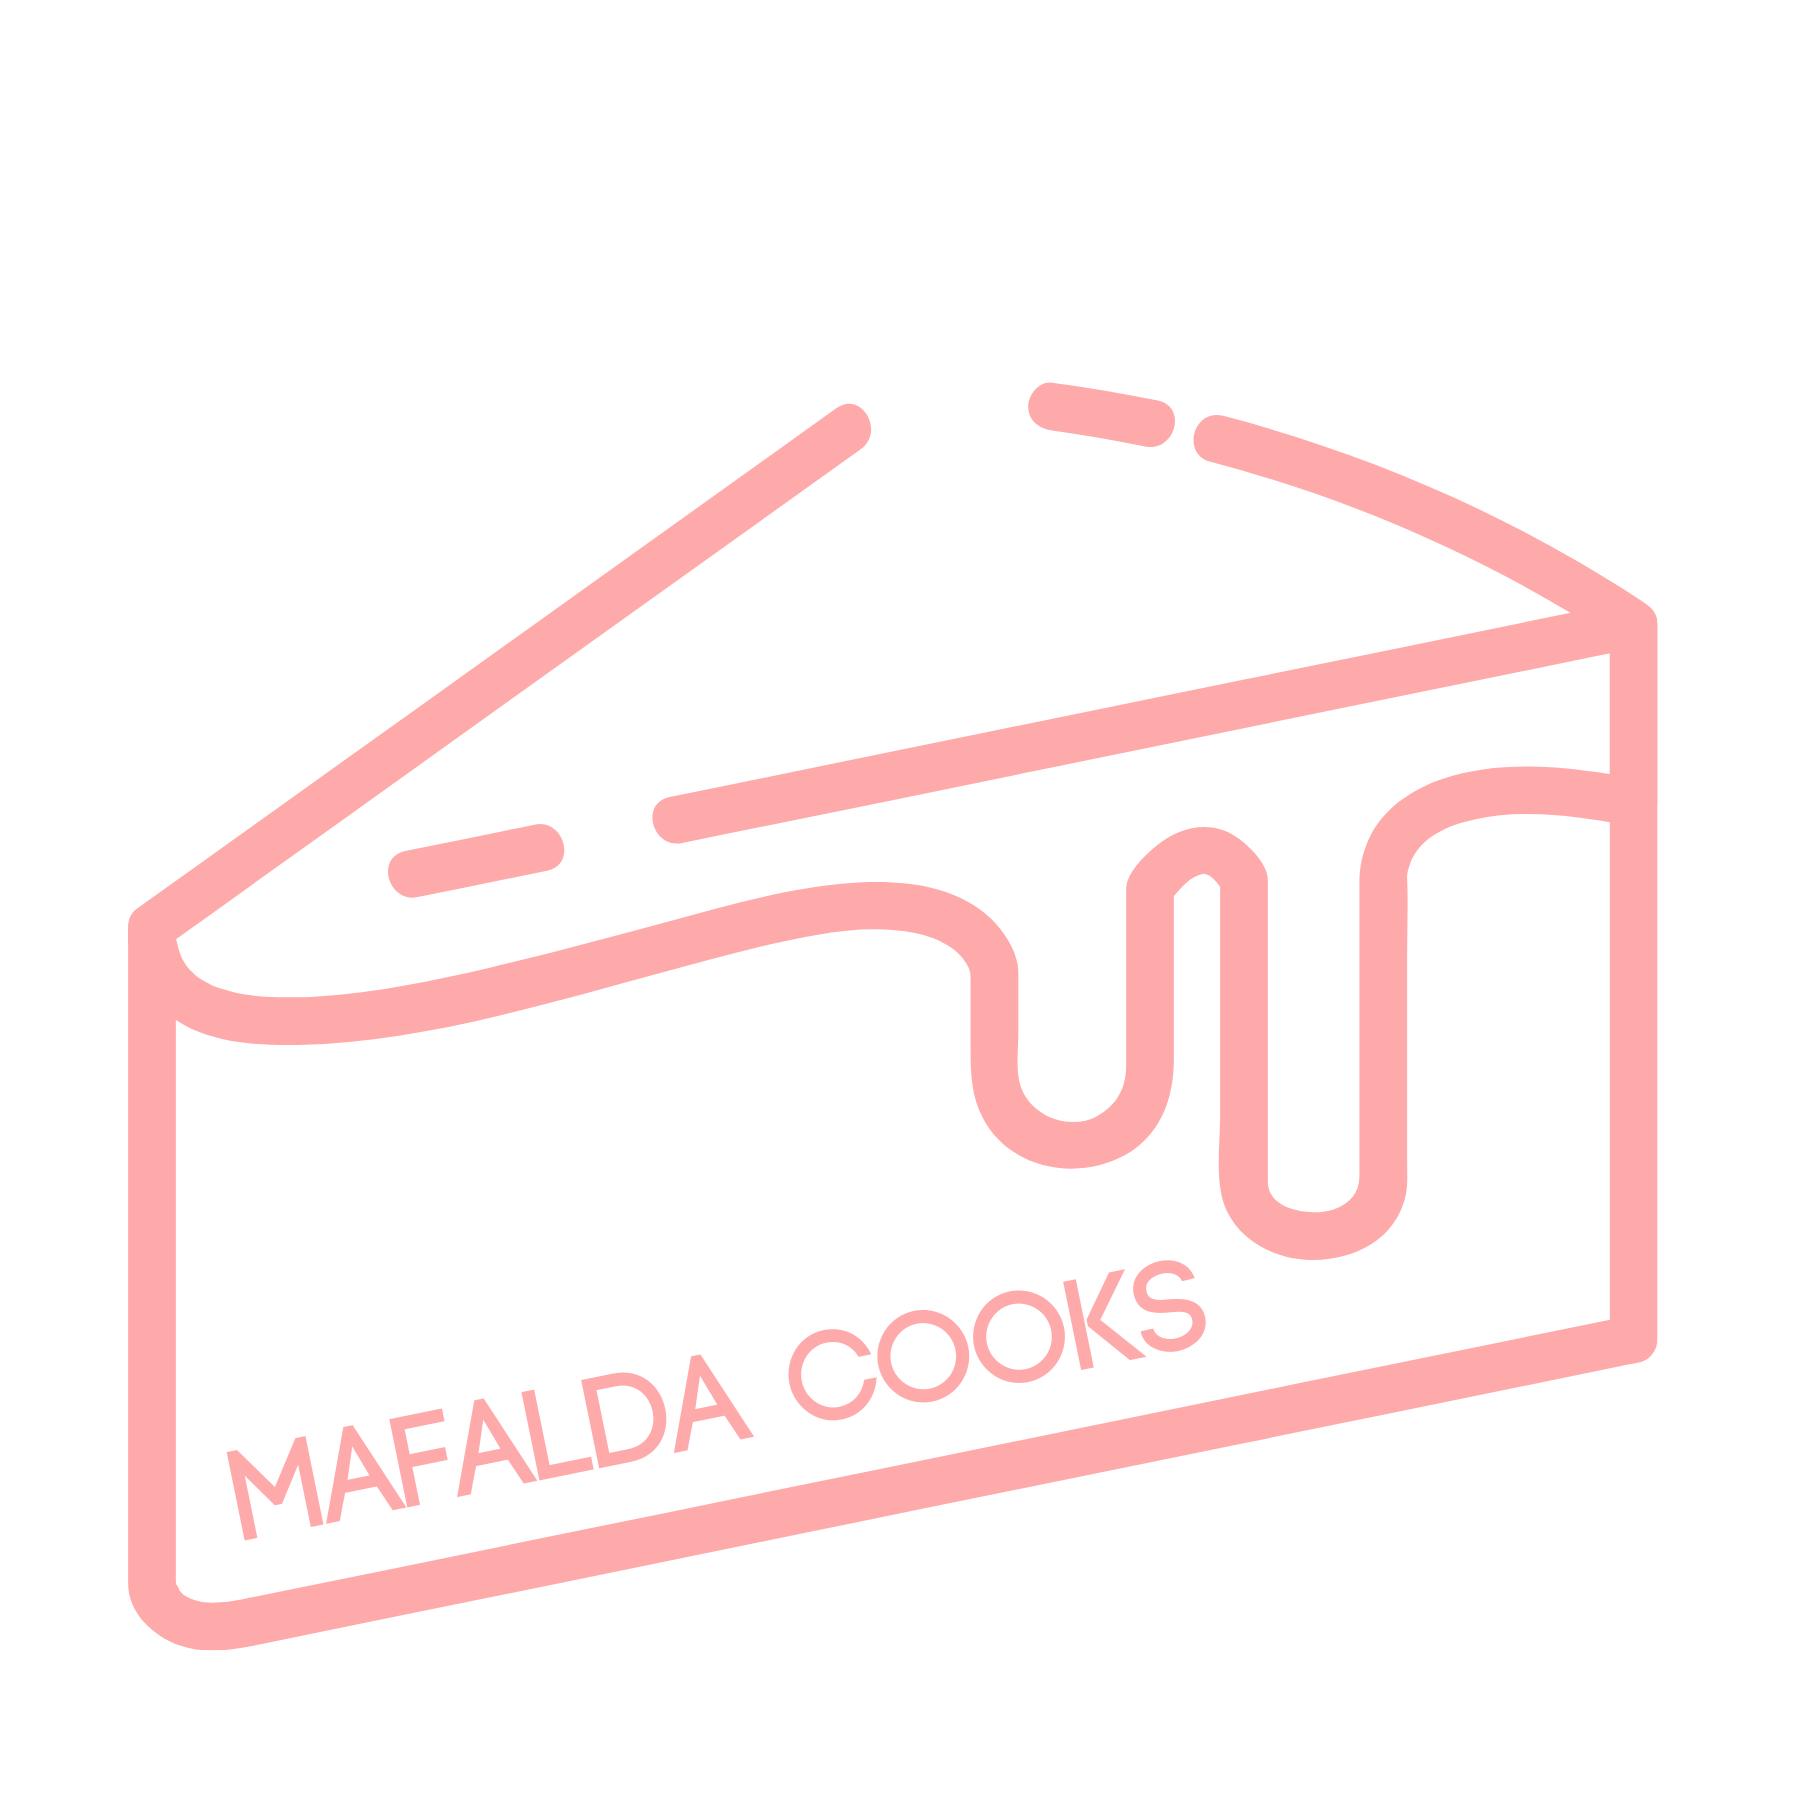 Mafalda Cooks